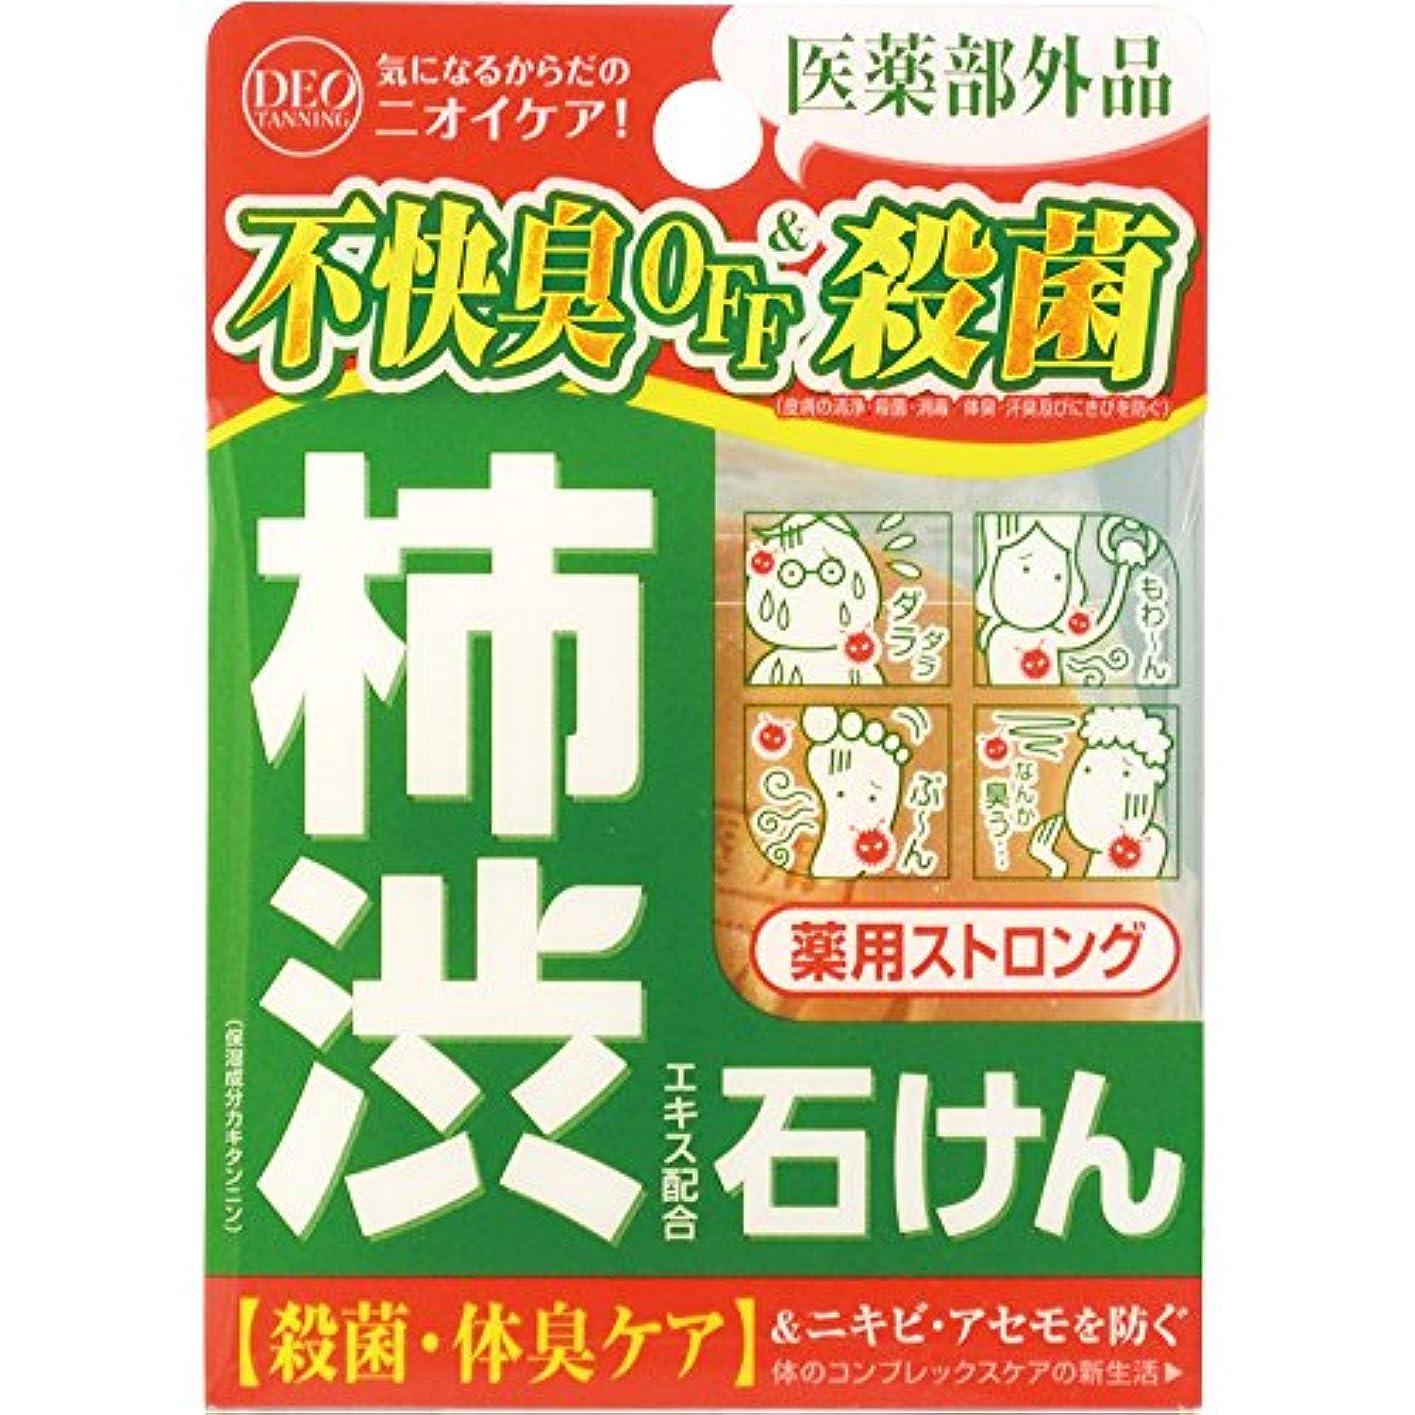 インフルエンザ拮抗感覚デオタンニング 薬用ストロング ソープ 100g (医薬部外品)